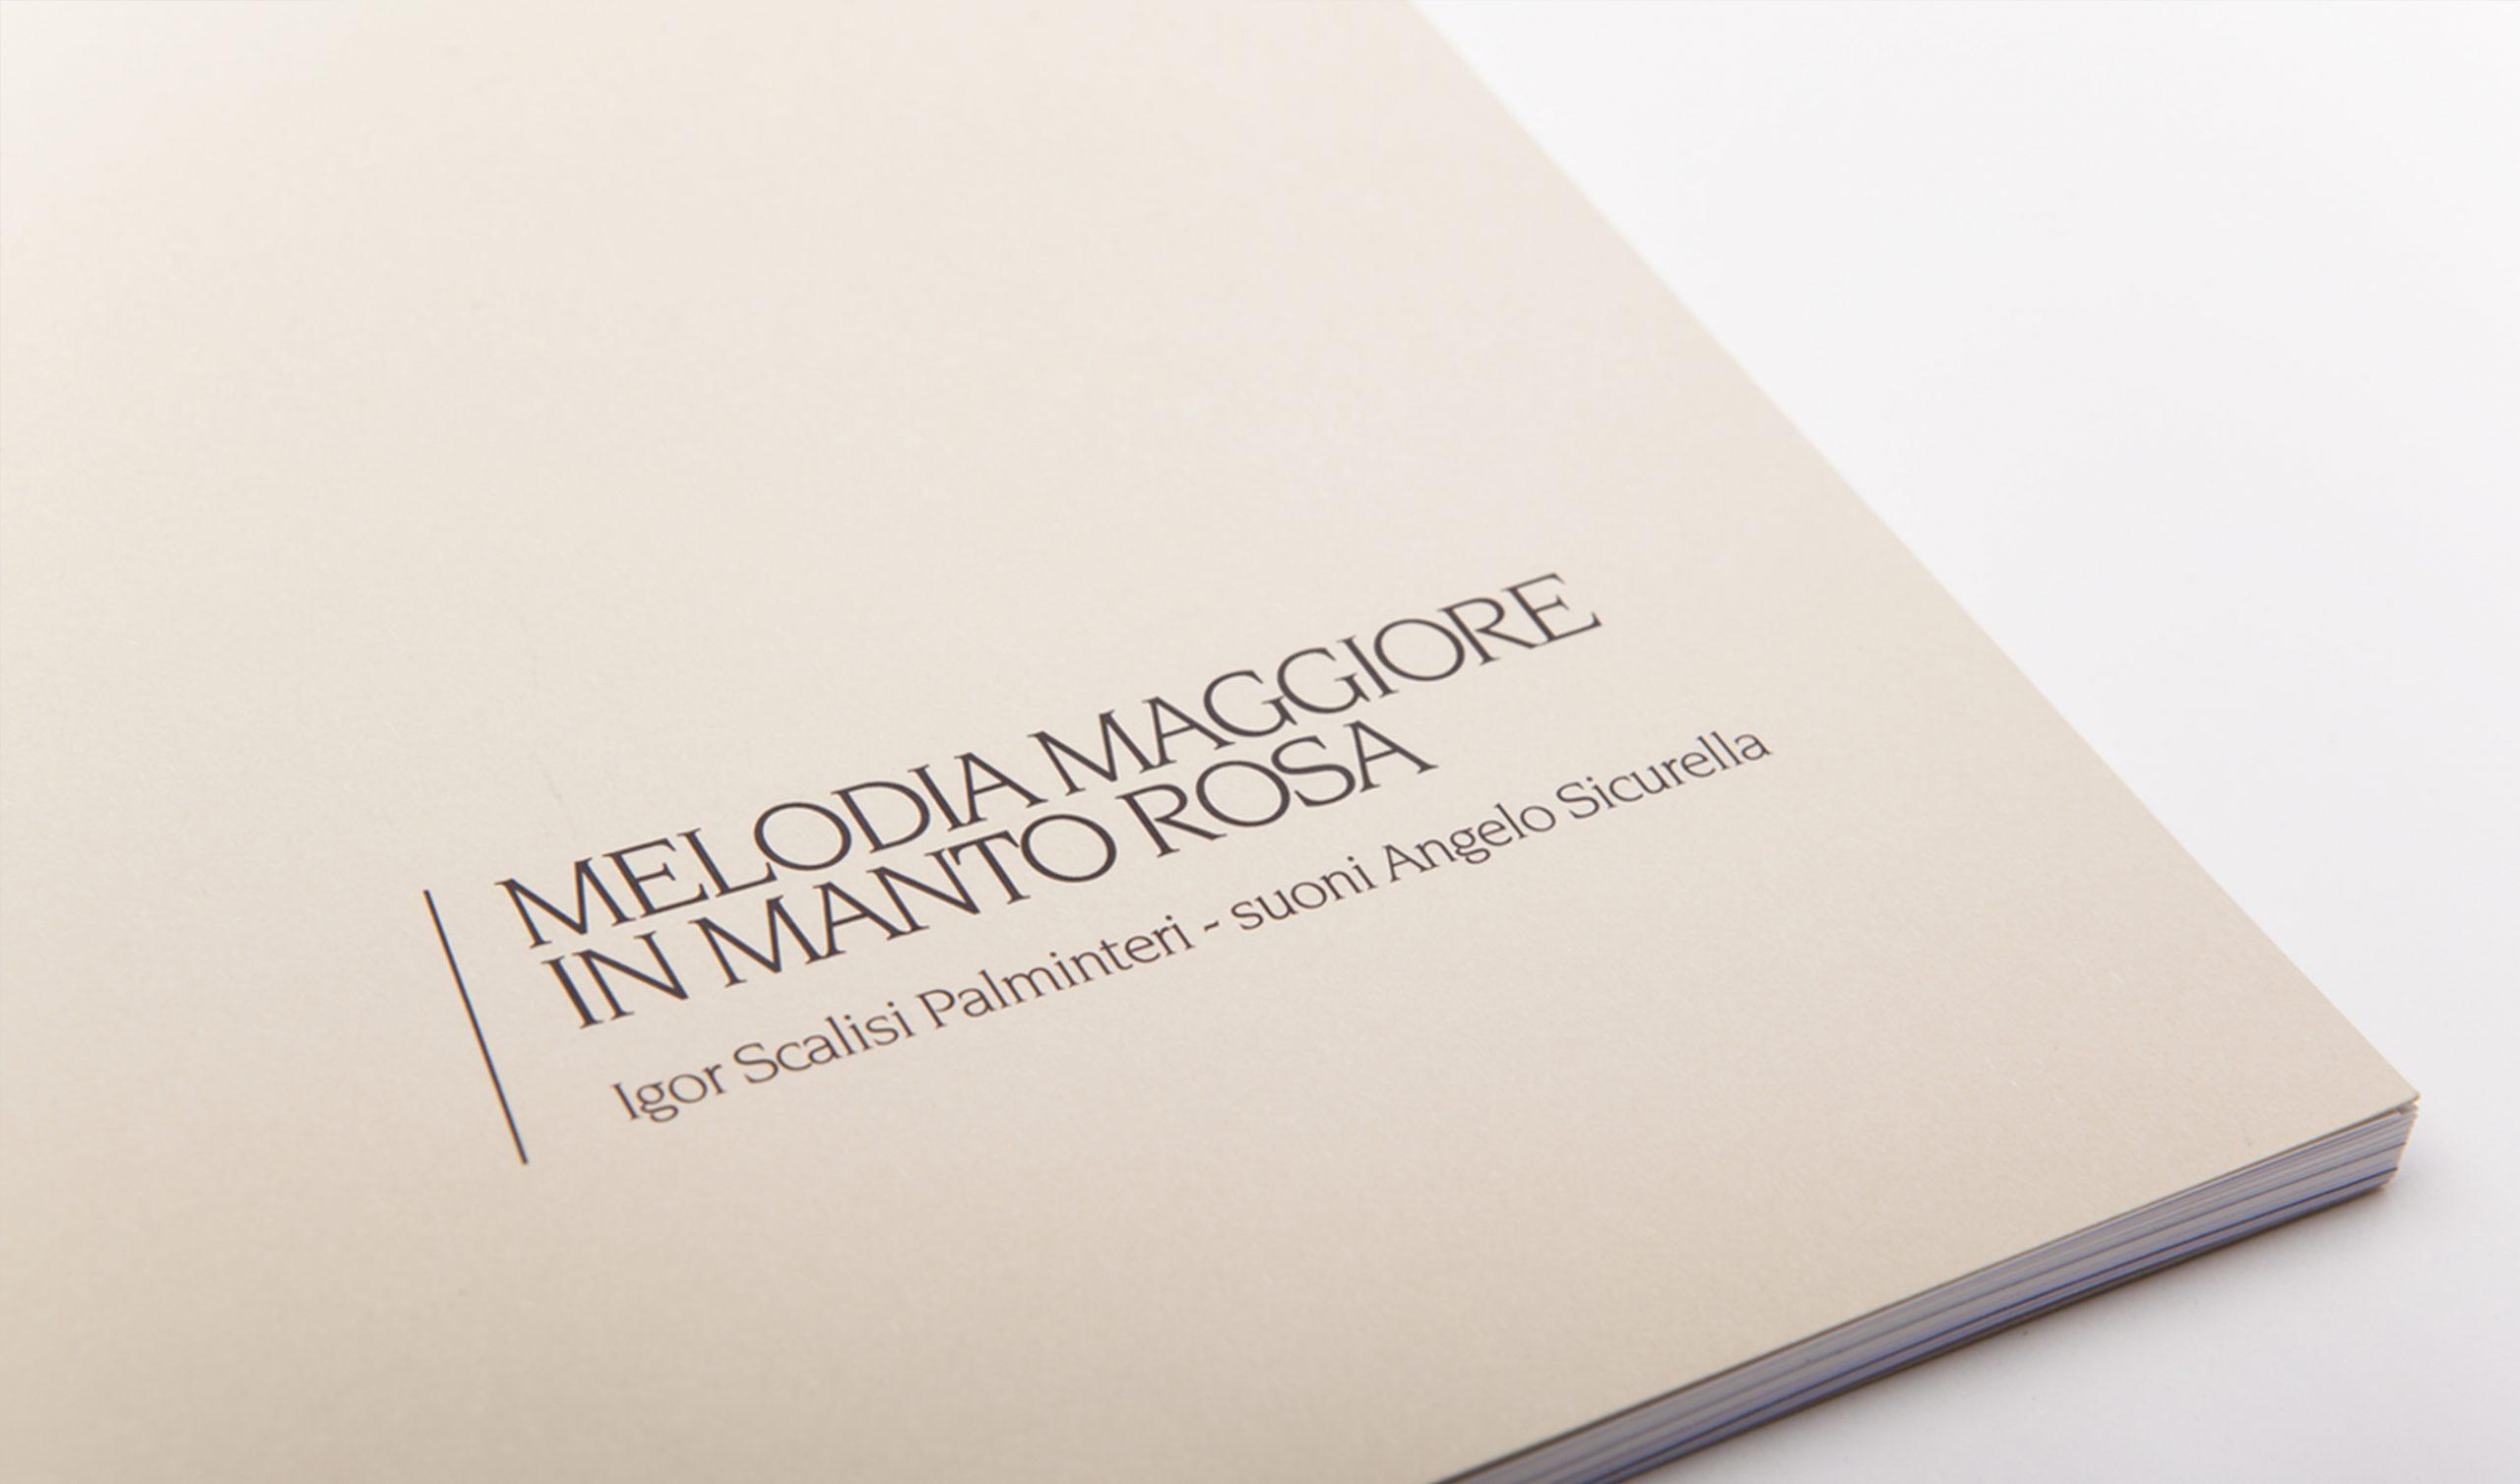 Melodia Maggiore in Manto Rosa - Copertina